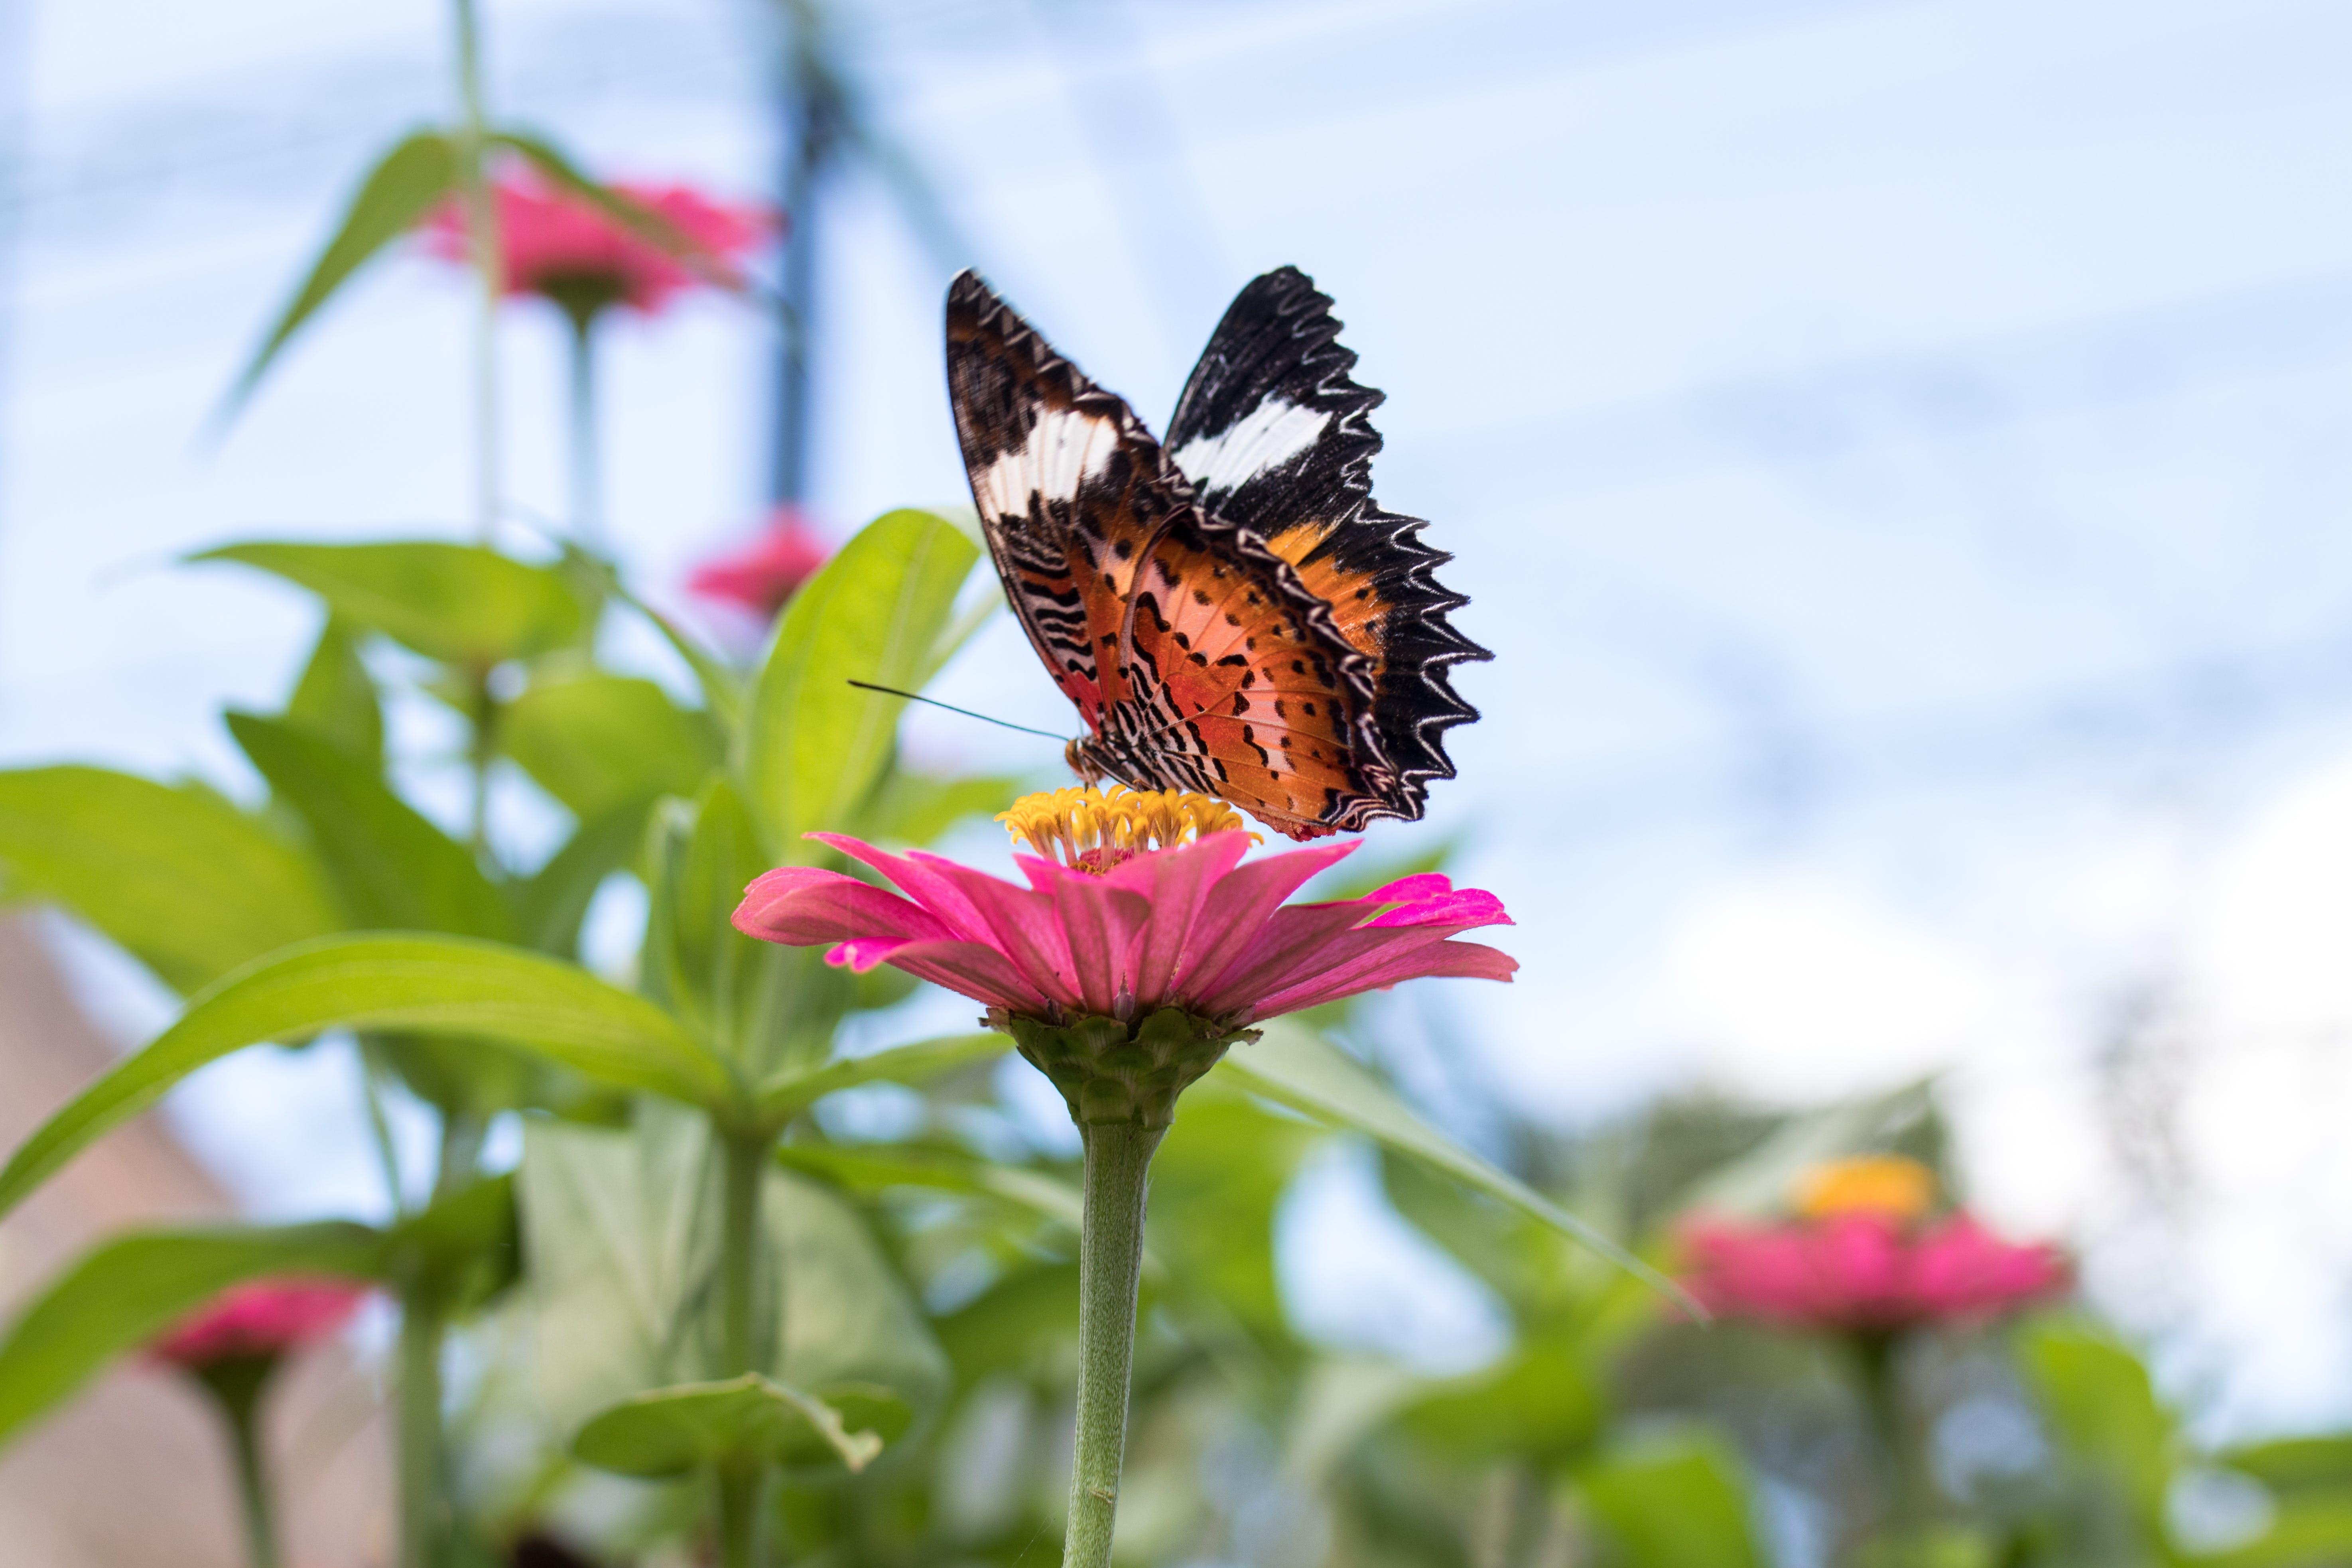 Butterfly on Pink Petaled Flower